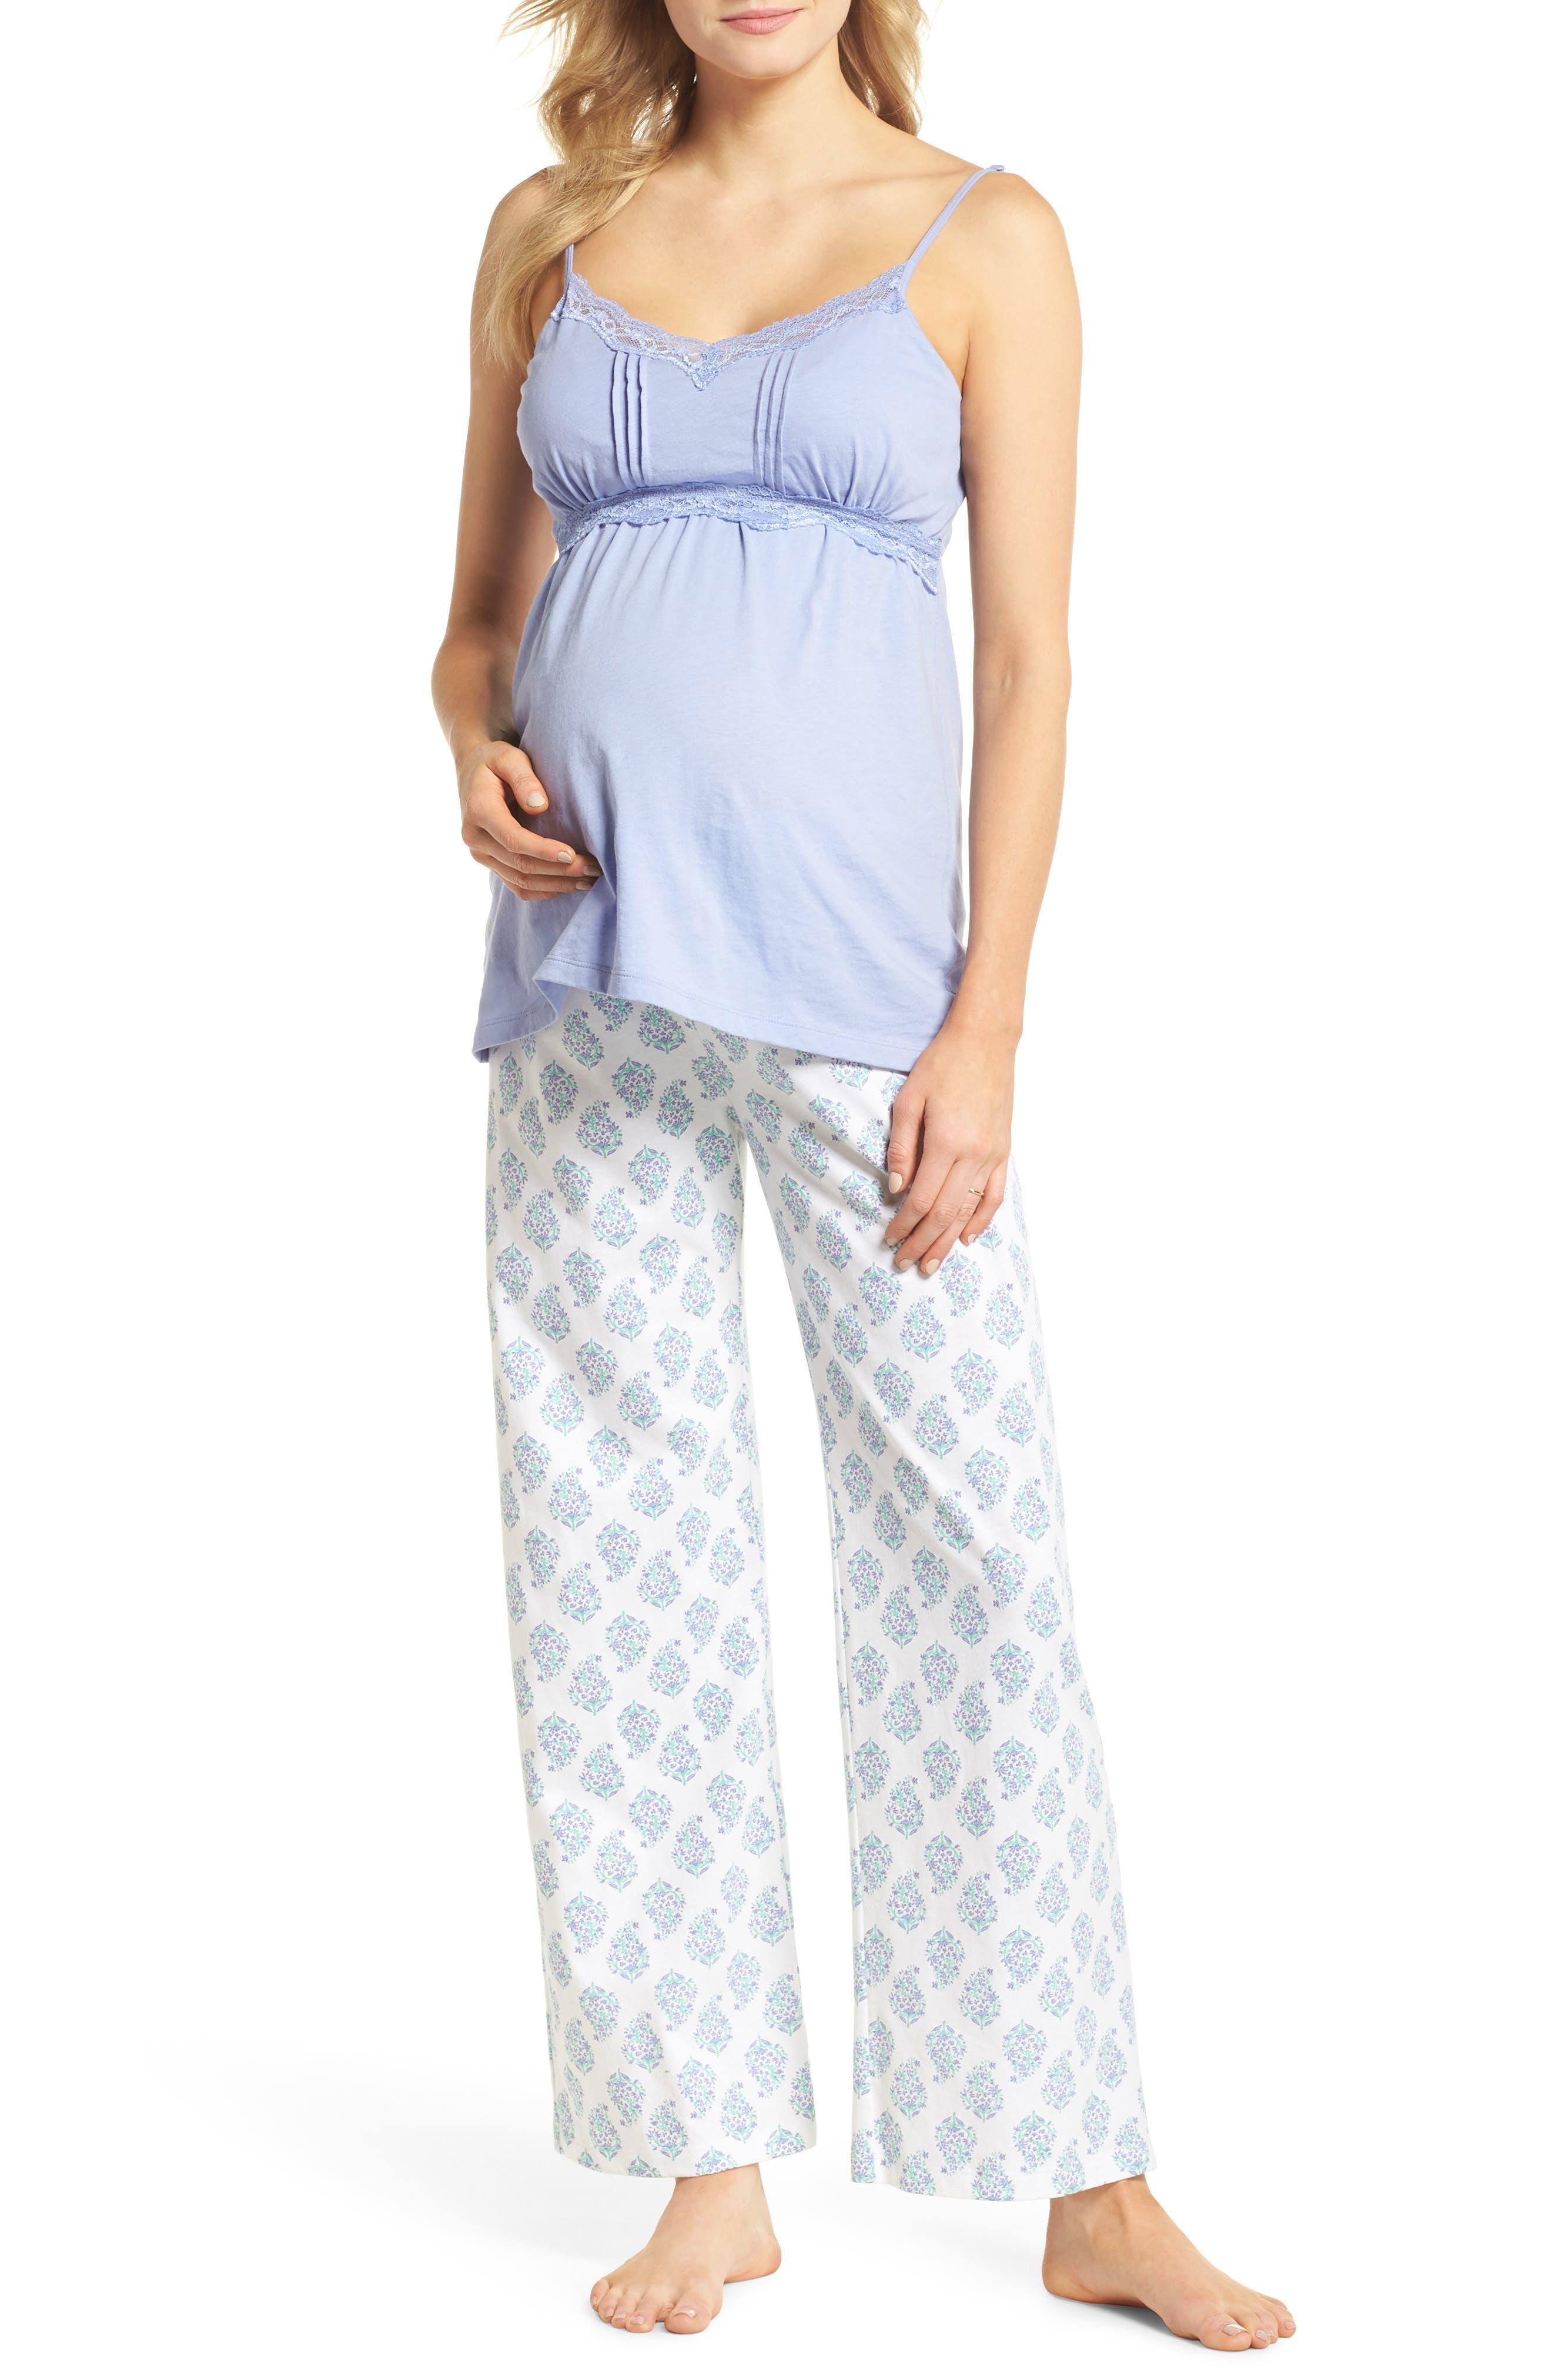 Belabumbum Violette Maternity/Nursing Pajamas